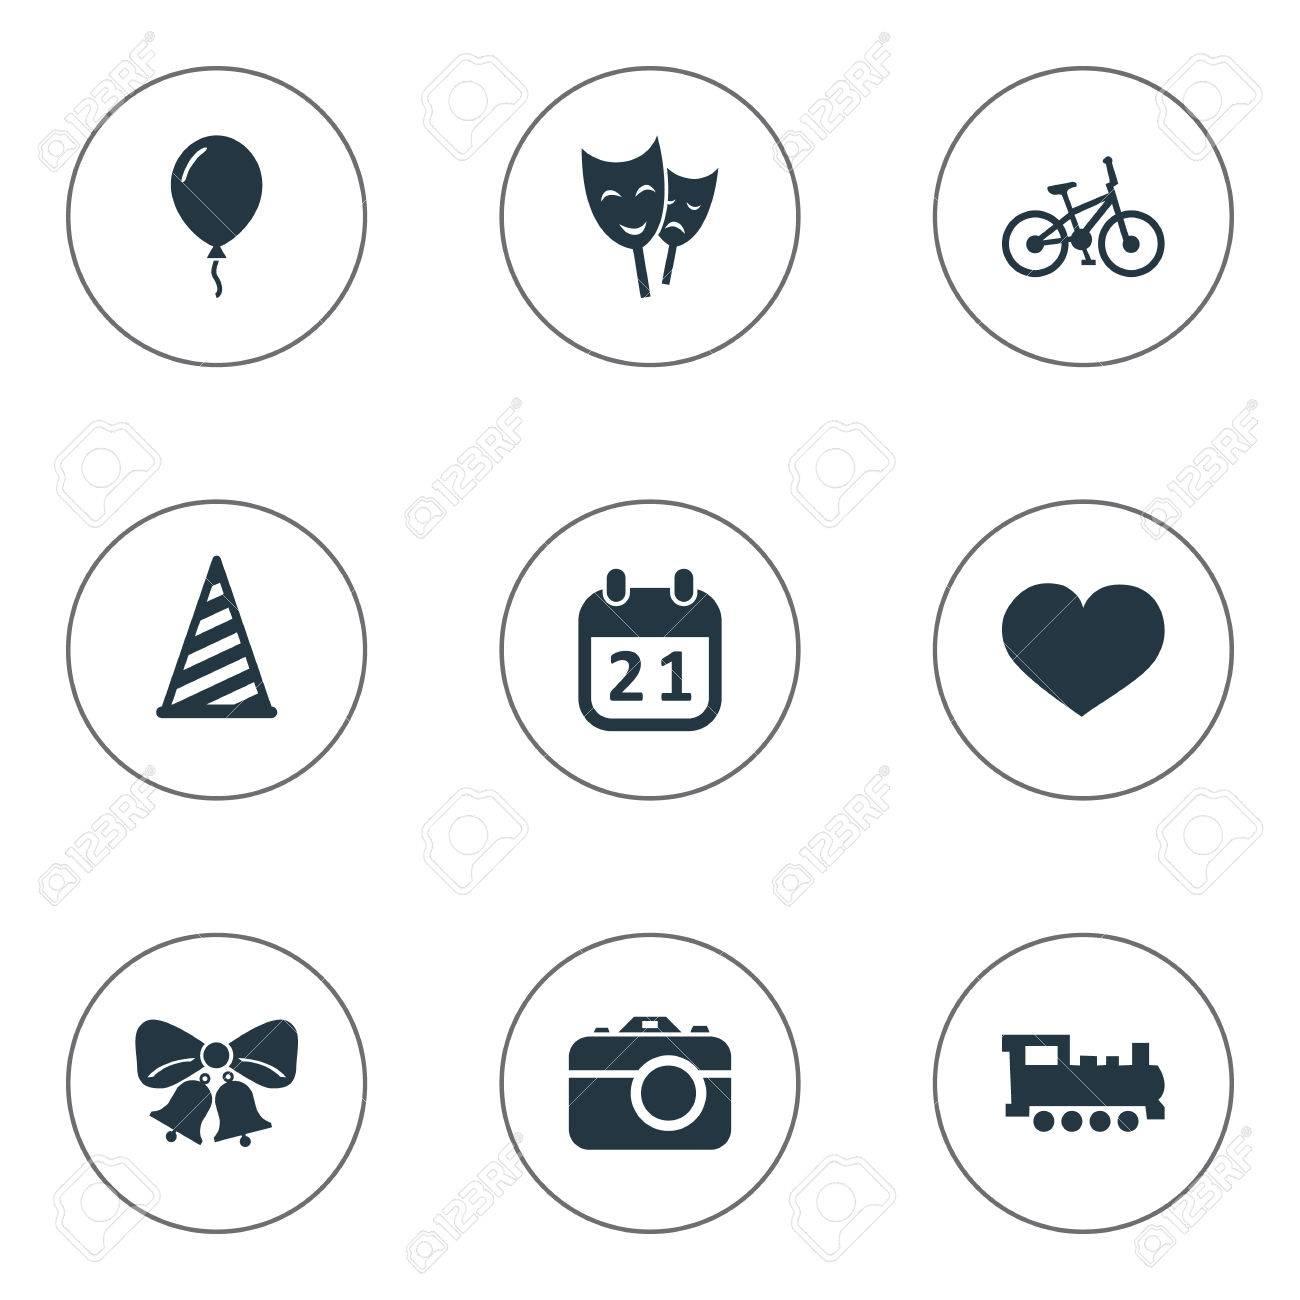 簡単な誕生日アイコンのベクター イラスト セット要素の共鳴キャップ